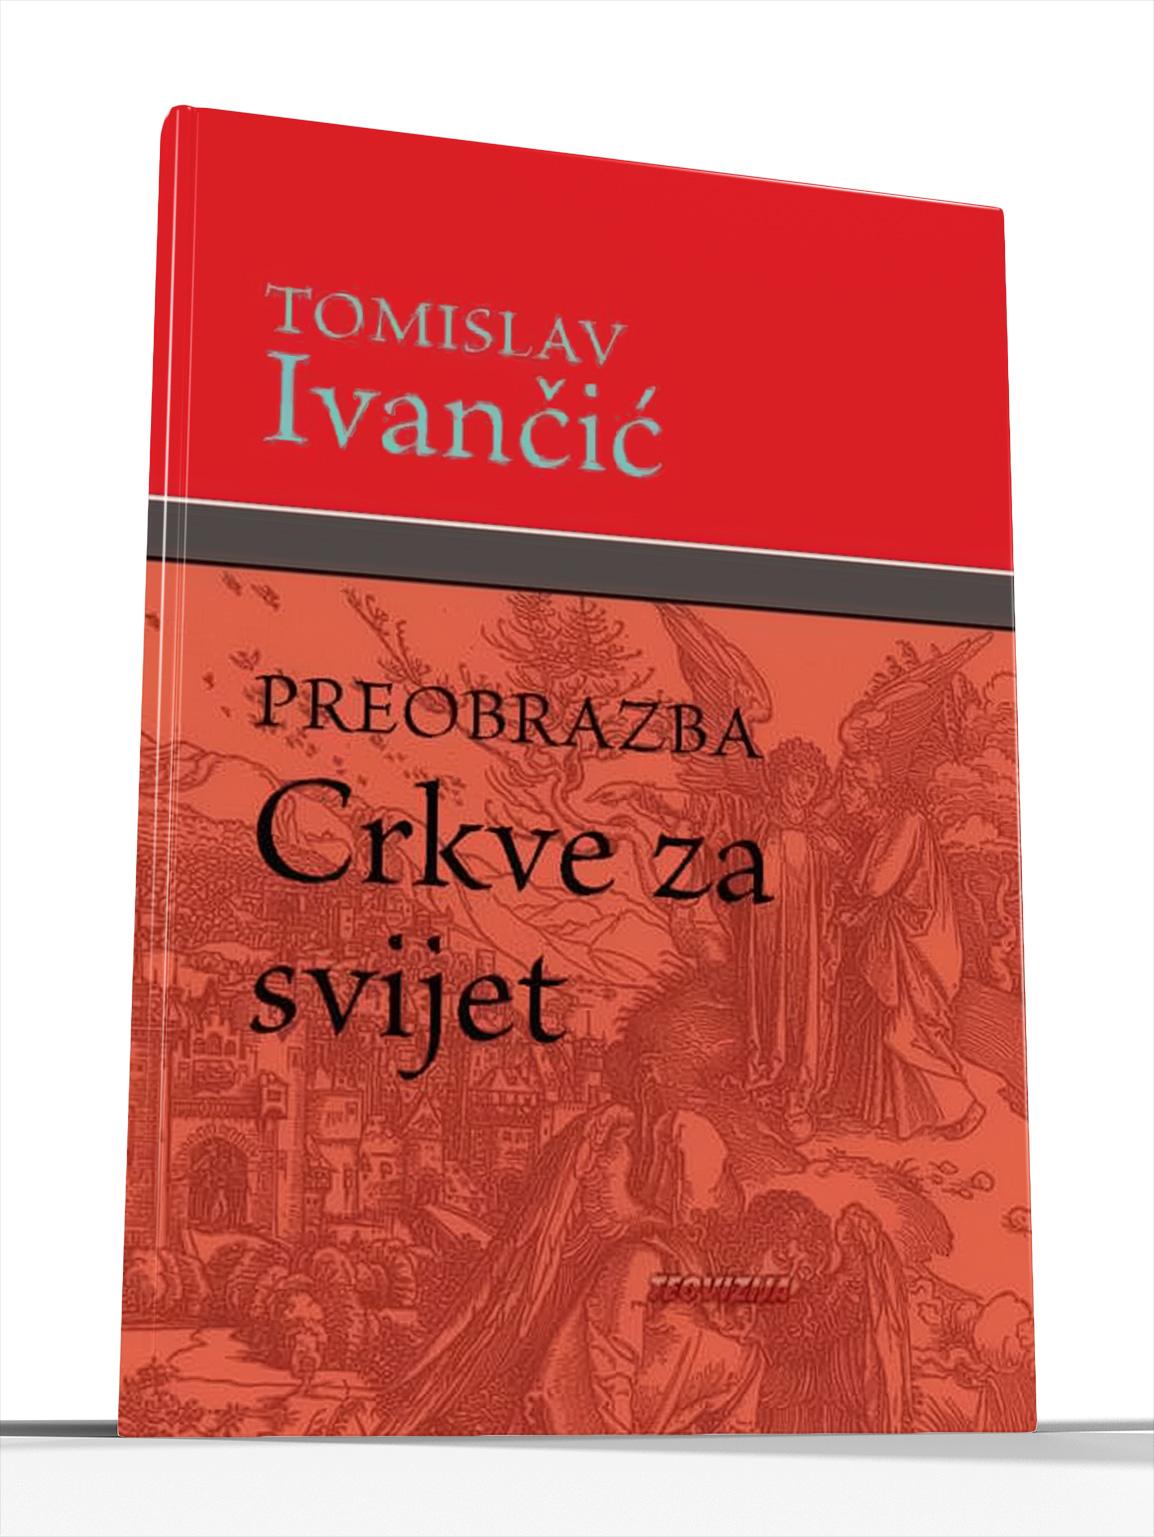 PREOBRAZBA CRKVE ZA SVIJET - Tomislav Ivančić